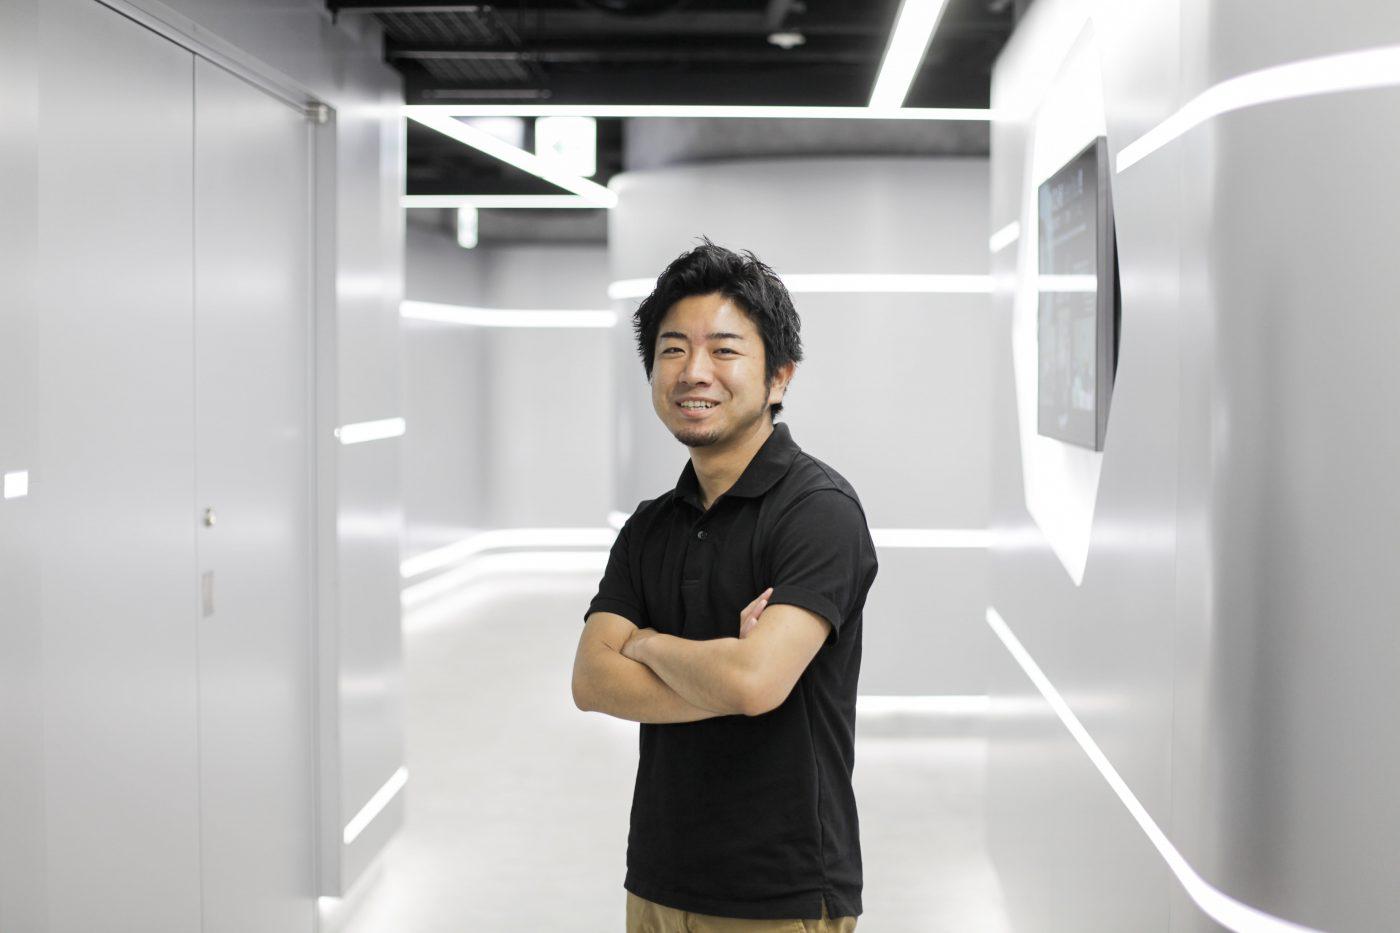 株式会社Liquid 代表取締役CEO 久田康弘 起業 インタビュー